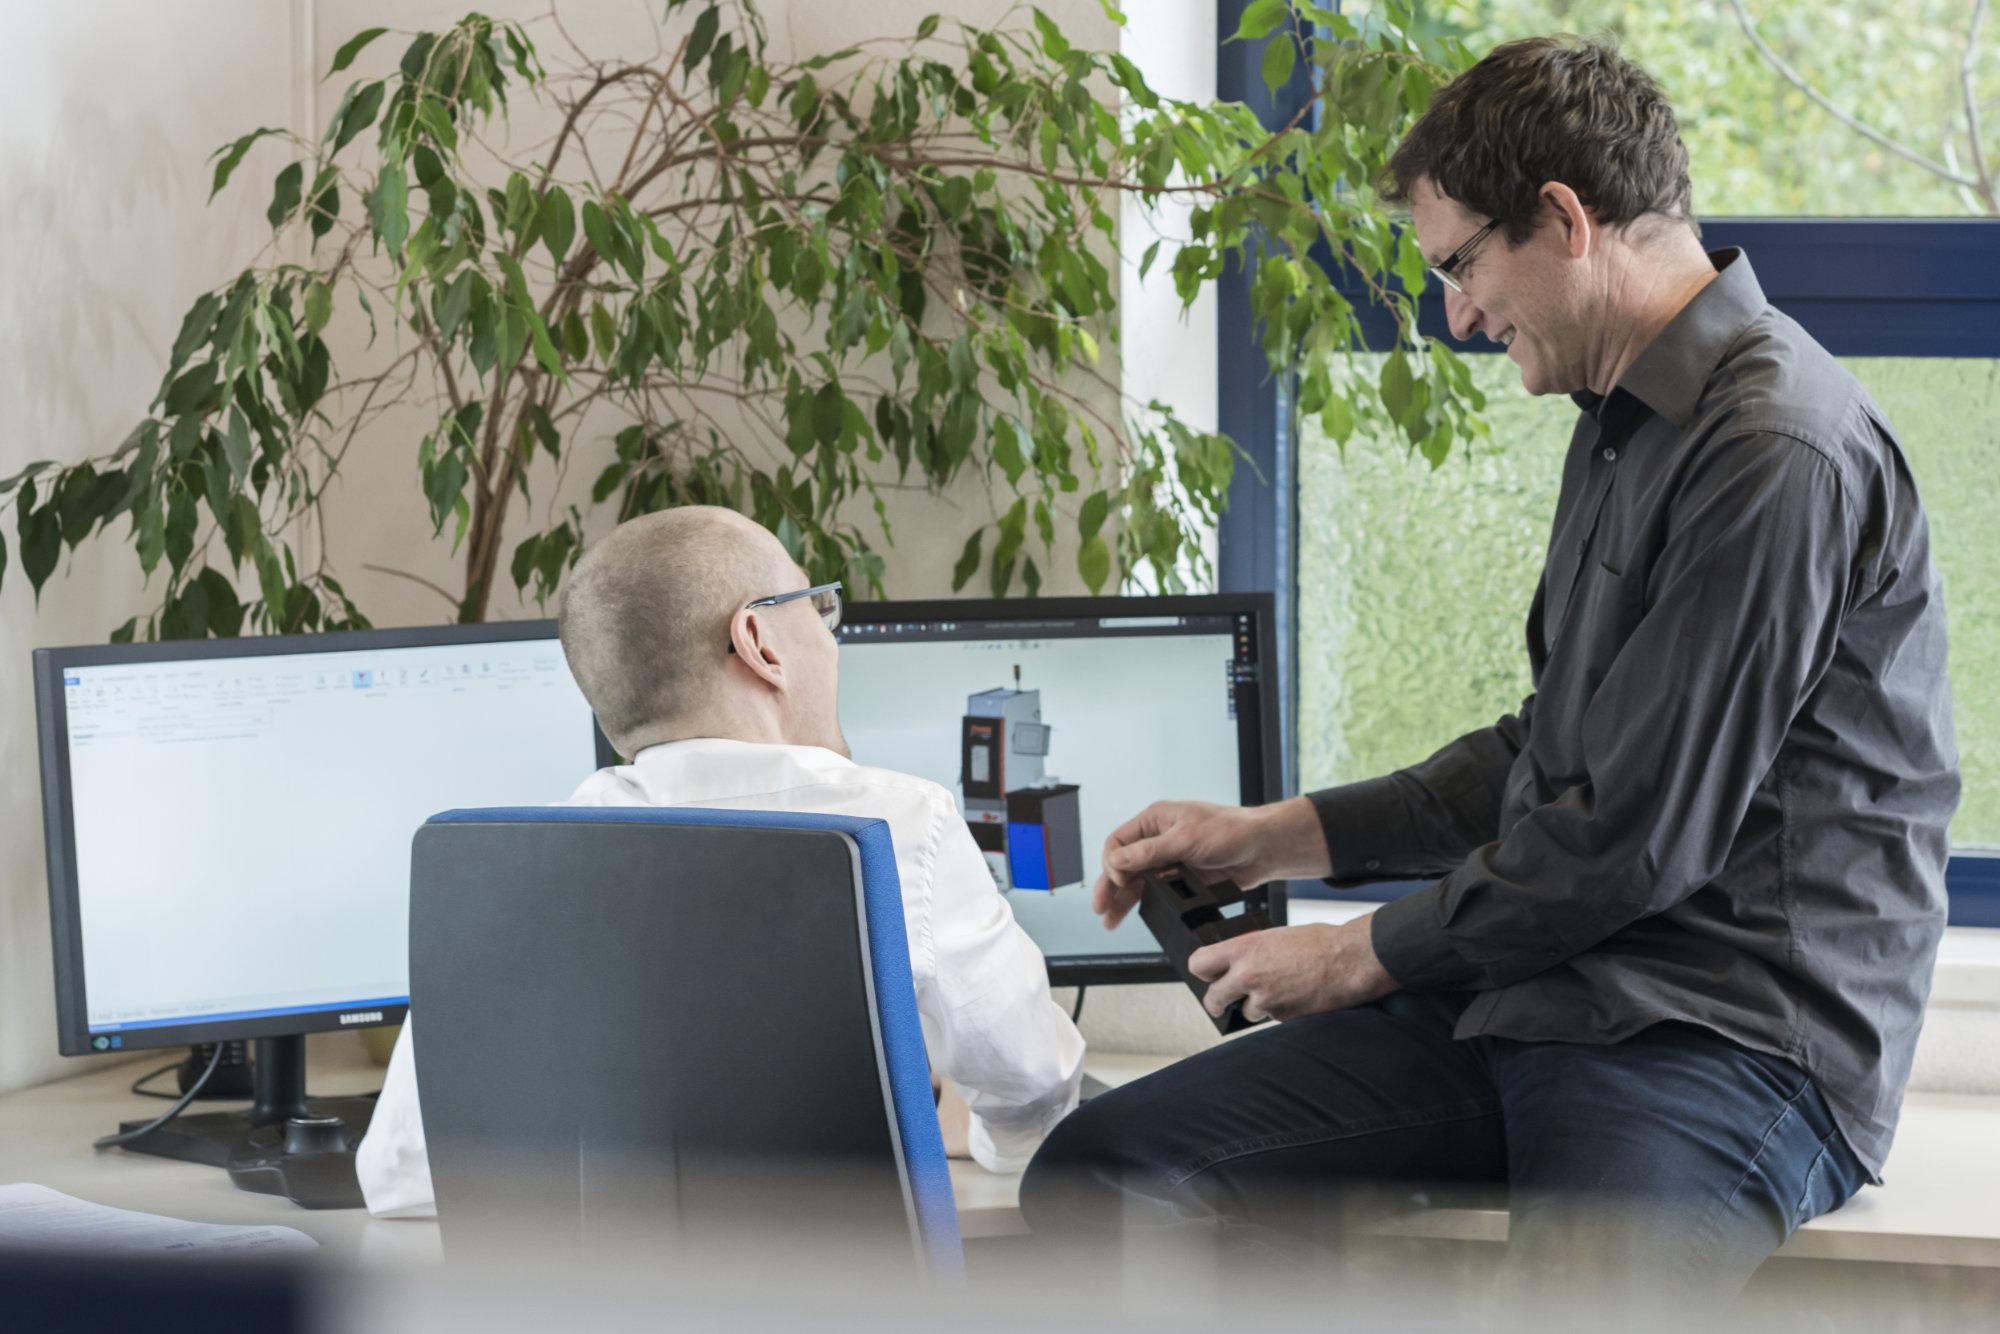 Zwei Mitarbeiter sitzen gut gelaunt vor dem Bildschirm und sprechen über ein Modell.